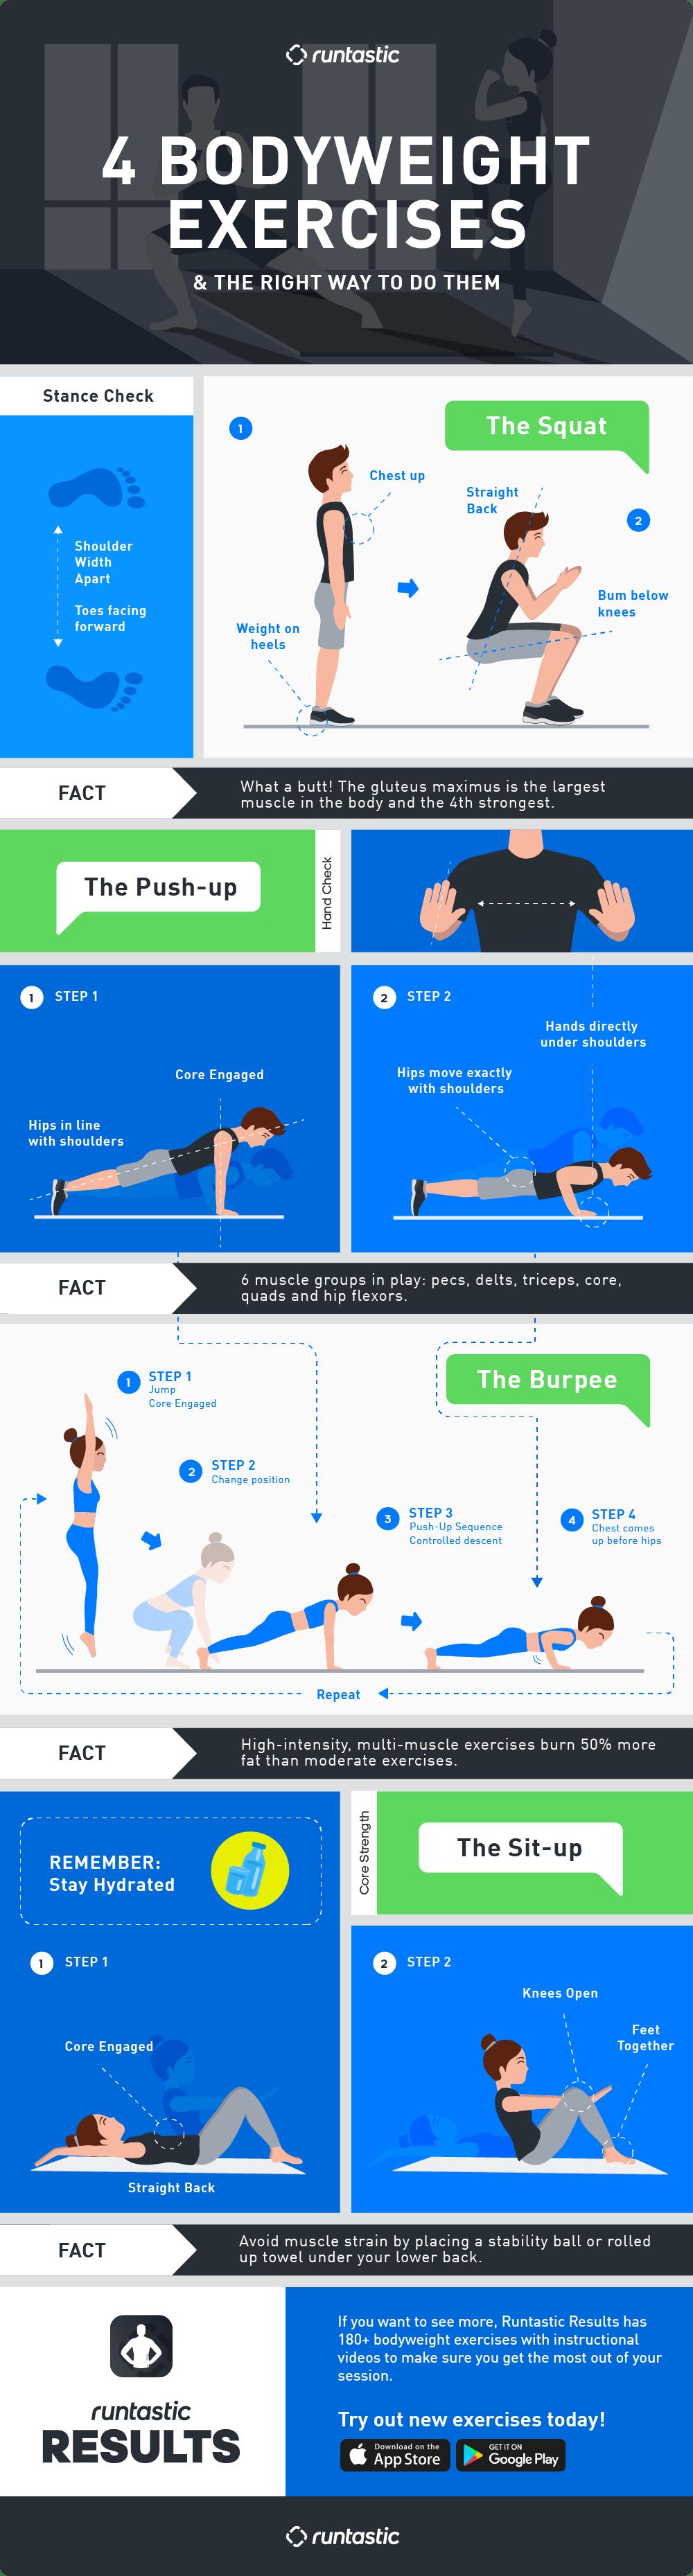 4 basic exercises infographic